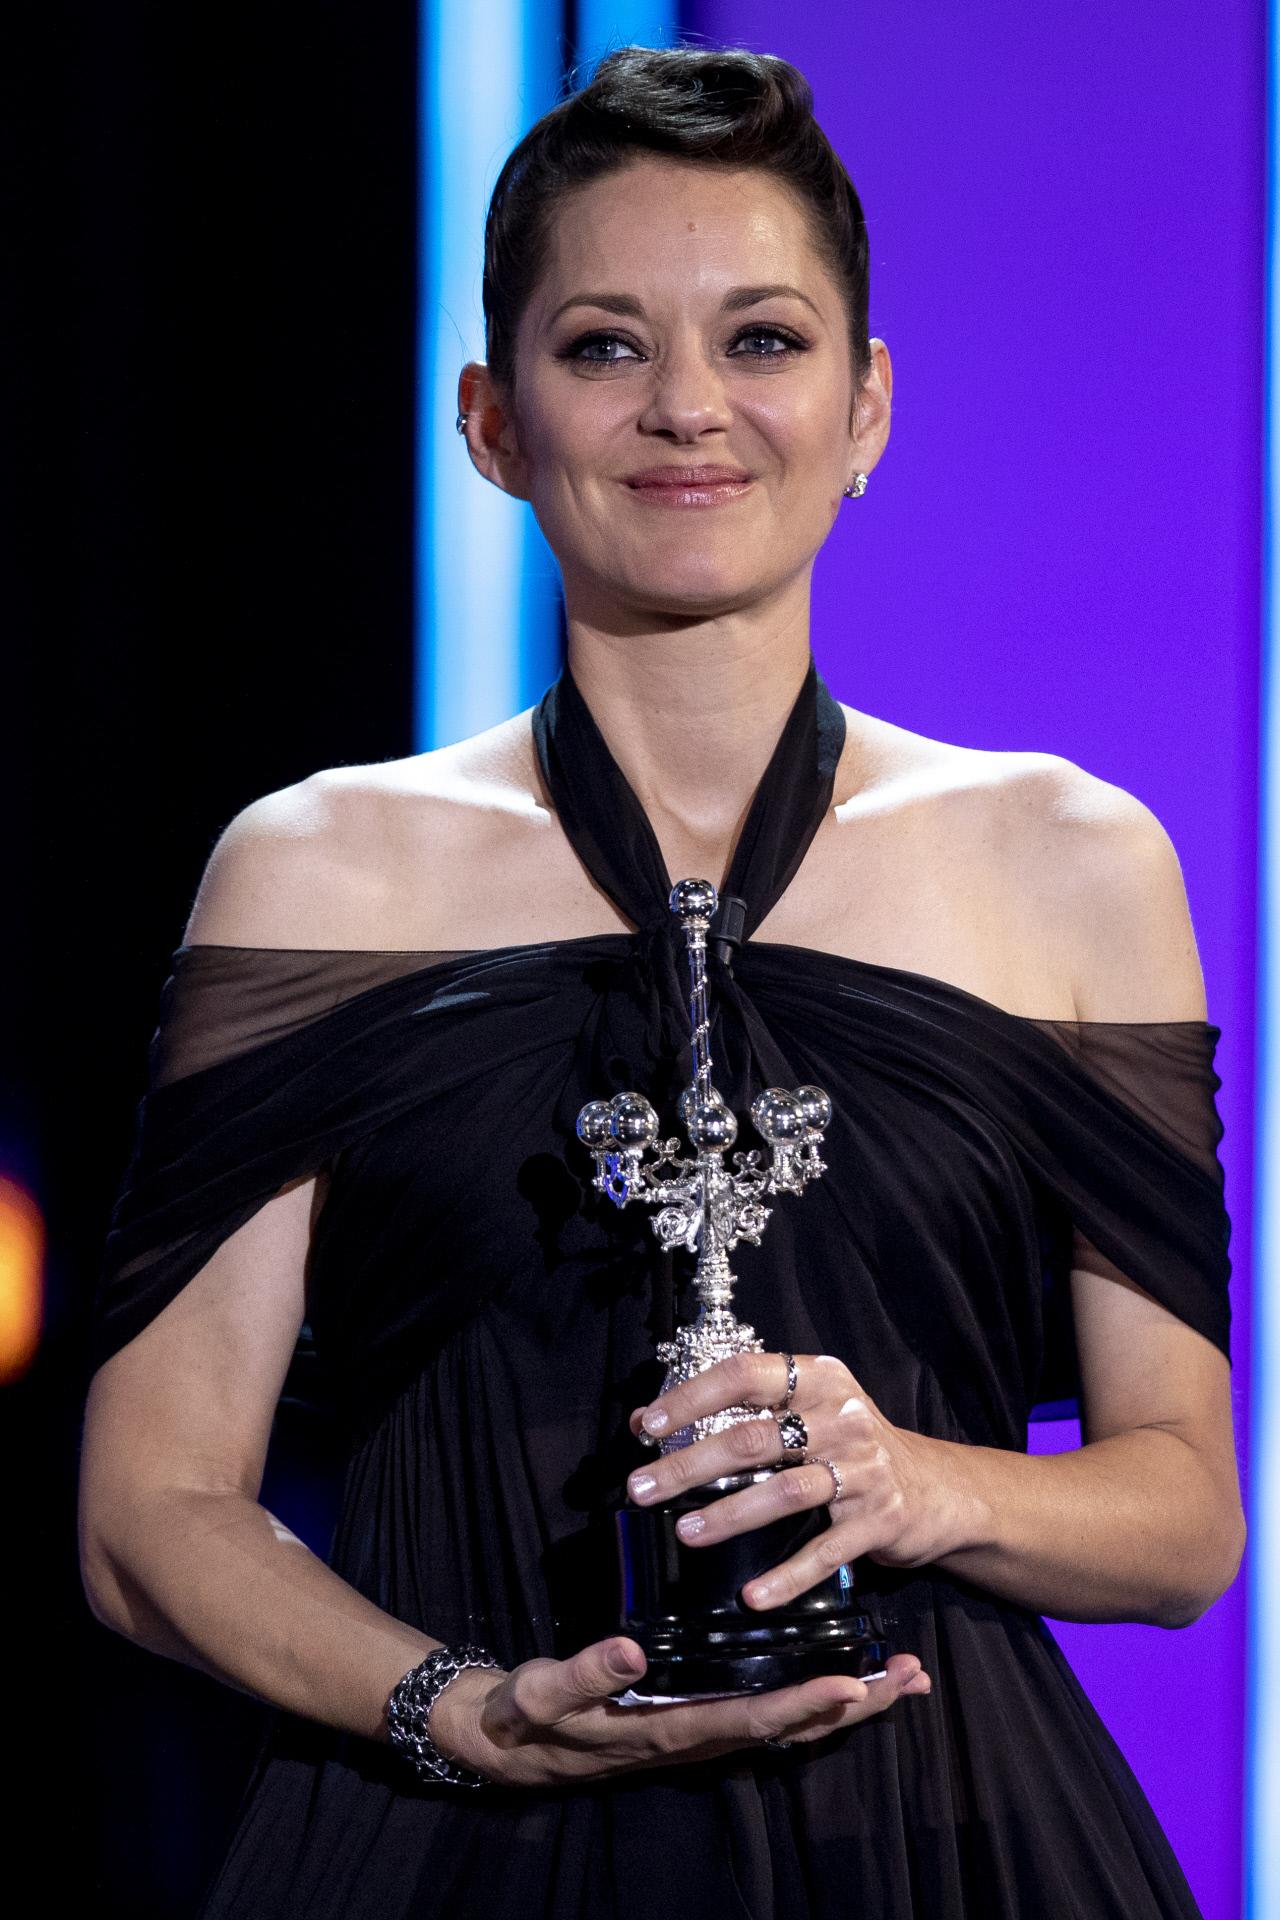 Vestida de Chanel Alta Costura recogiendo su premio durante la ceremonia de inauguración.